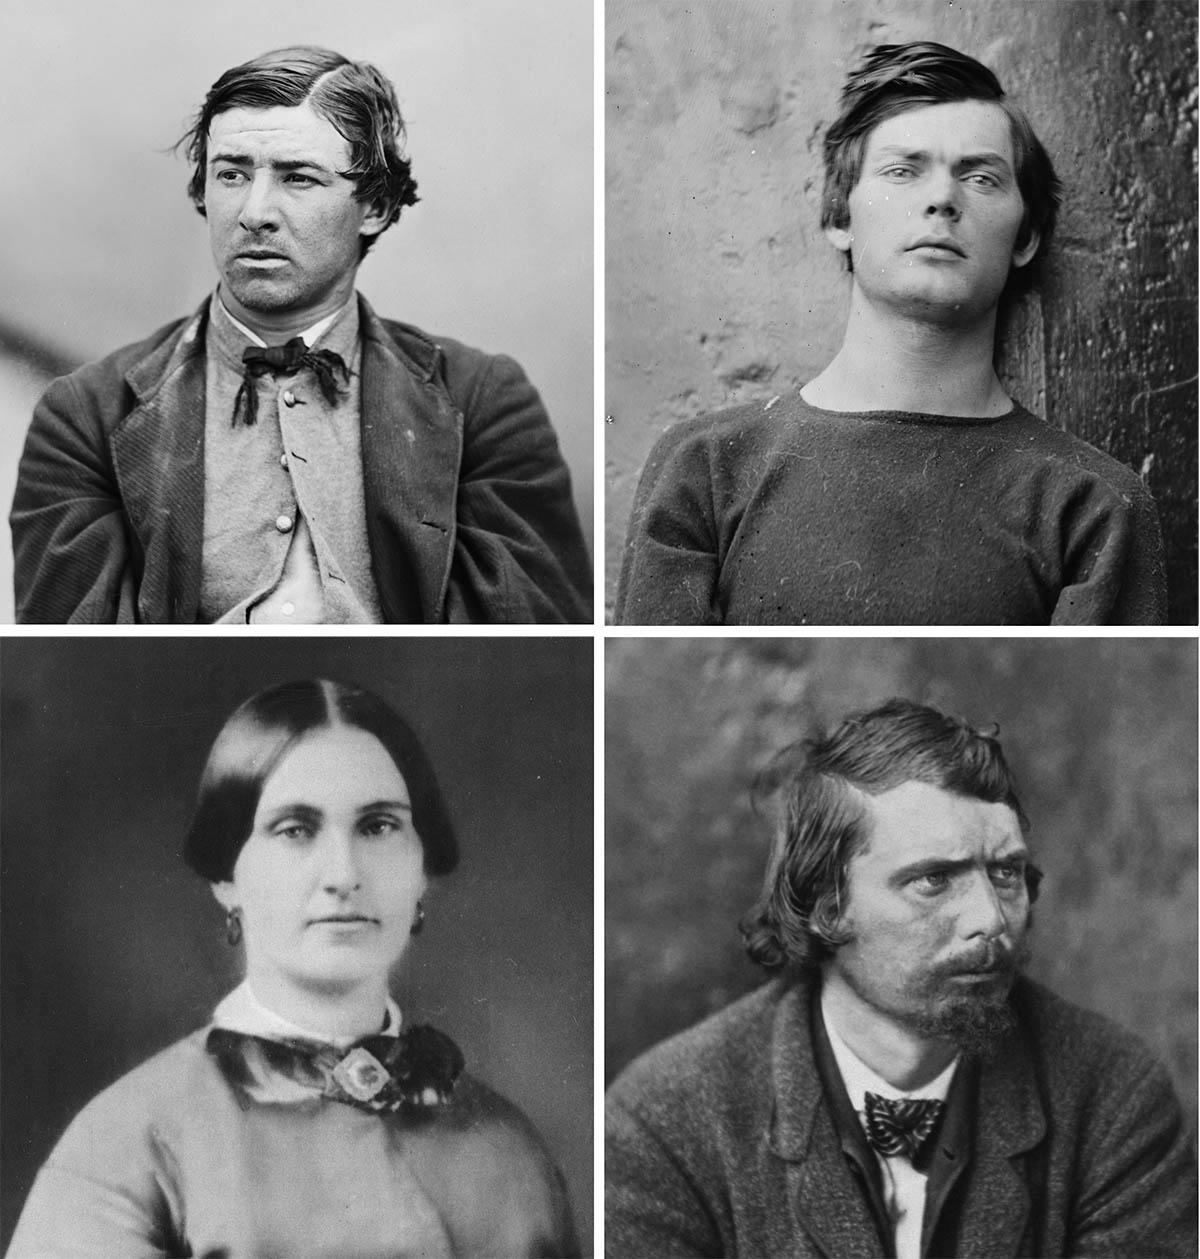 Los cuatro conspiradores condenados: David Herold, Lewis Powell, Mary Surratt y George Atzerodt (de izquierda a derecha).